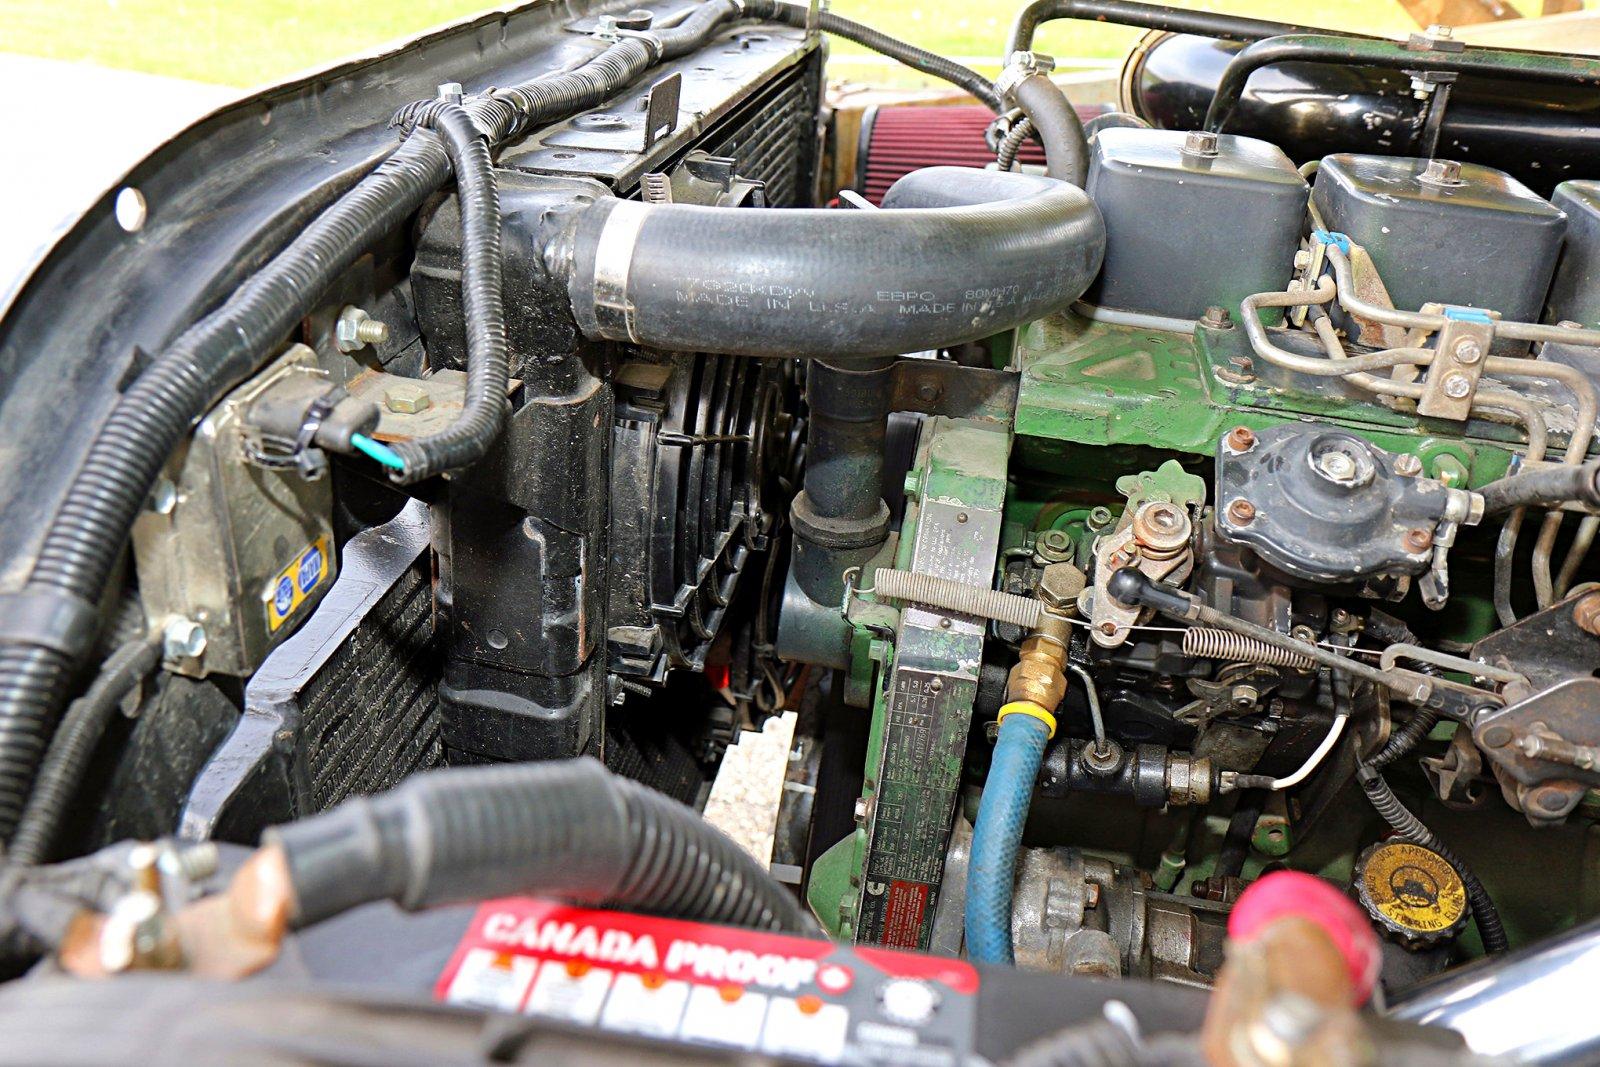 009-northern-ranger-engine.jpg